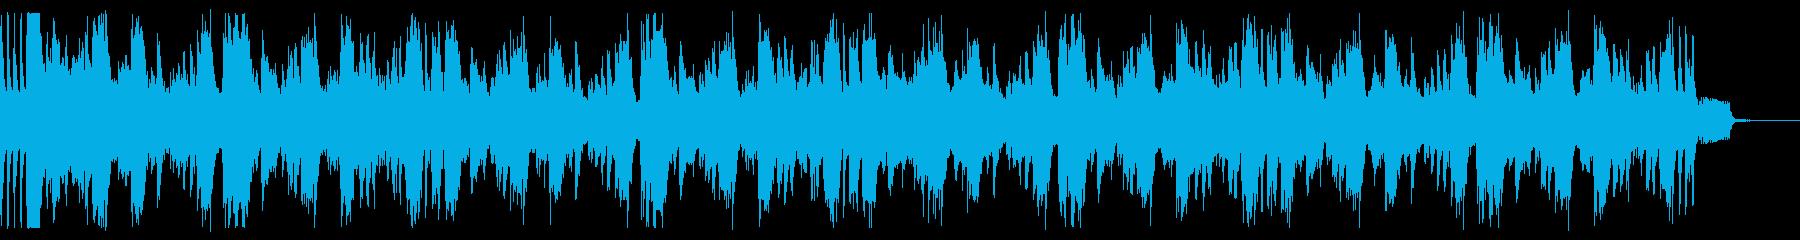 ビート強いドラムンベース。2の再生済みの波形